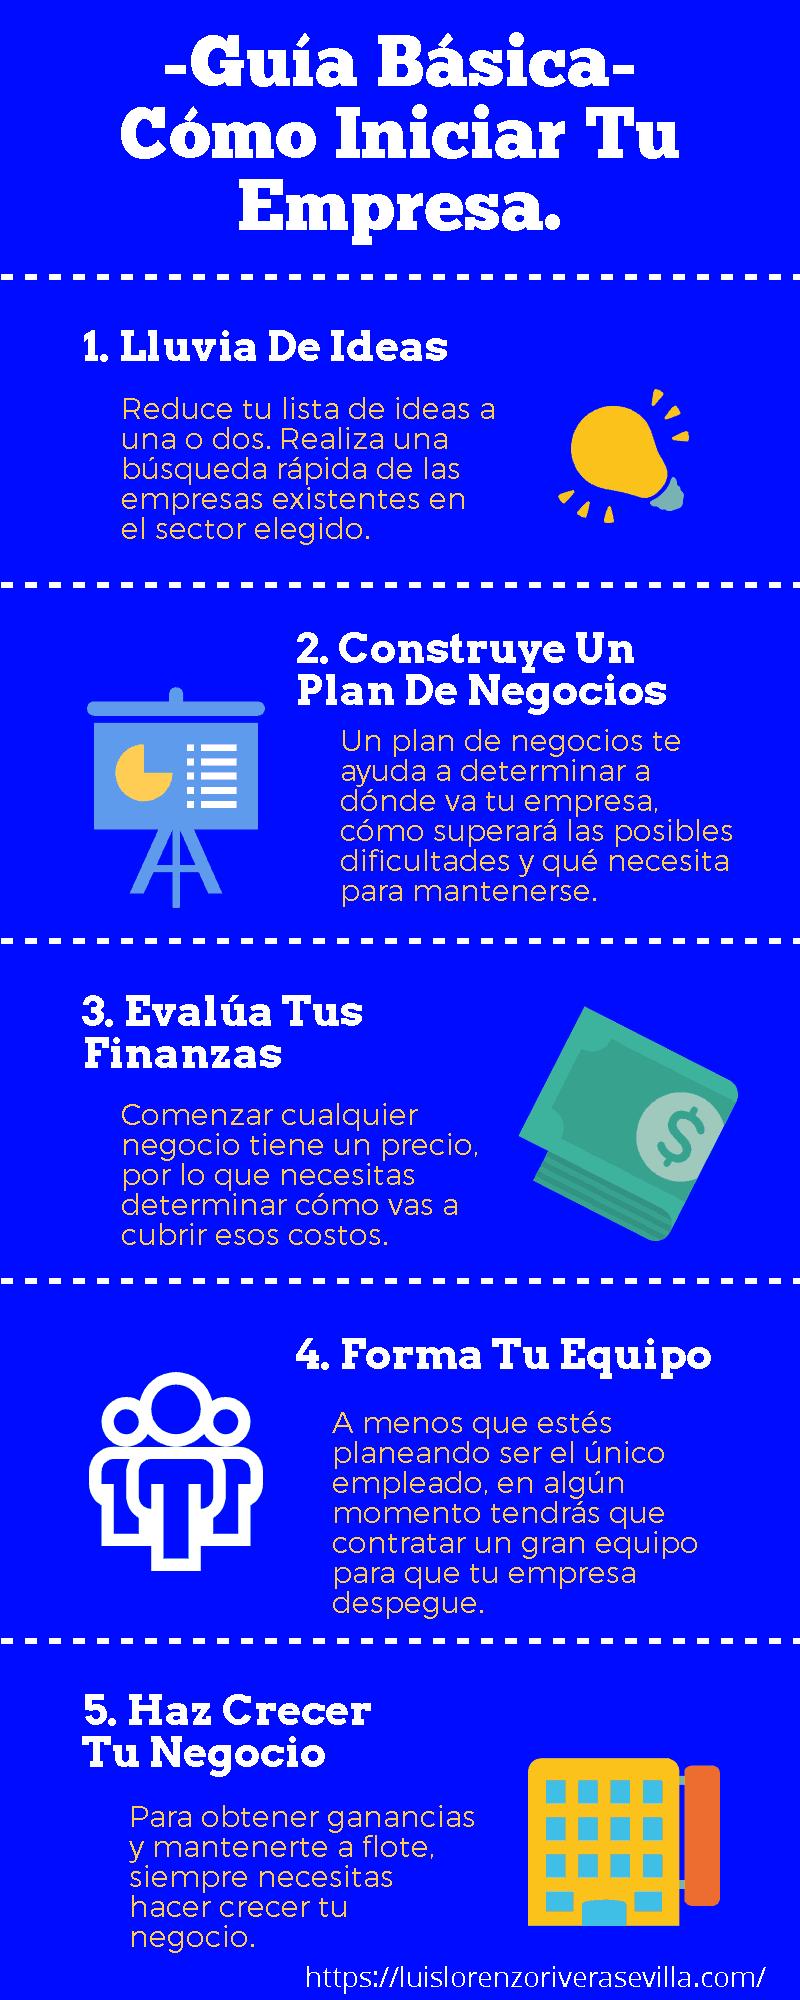 Guía Básica Sobre Cómo Formar Un Negocio - Infografía